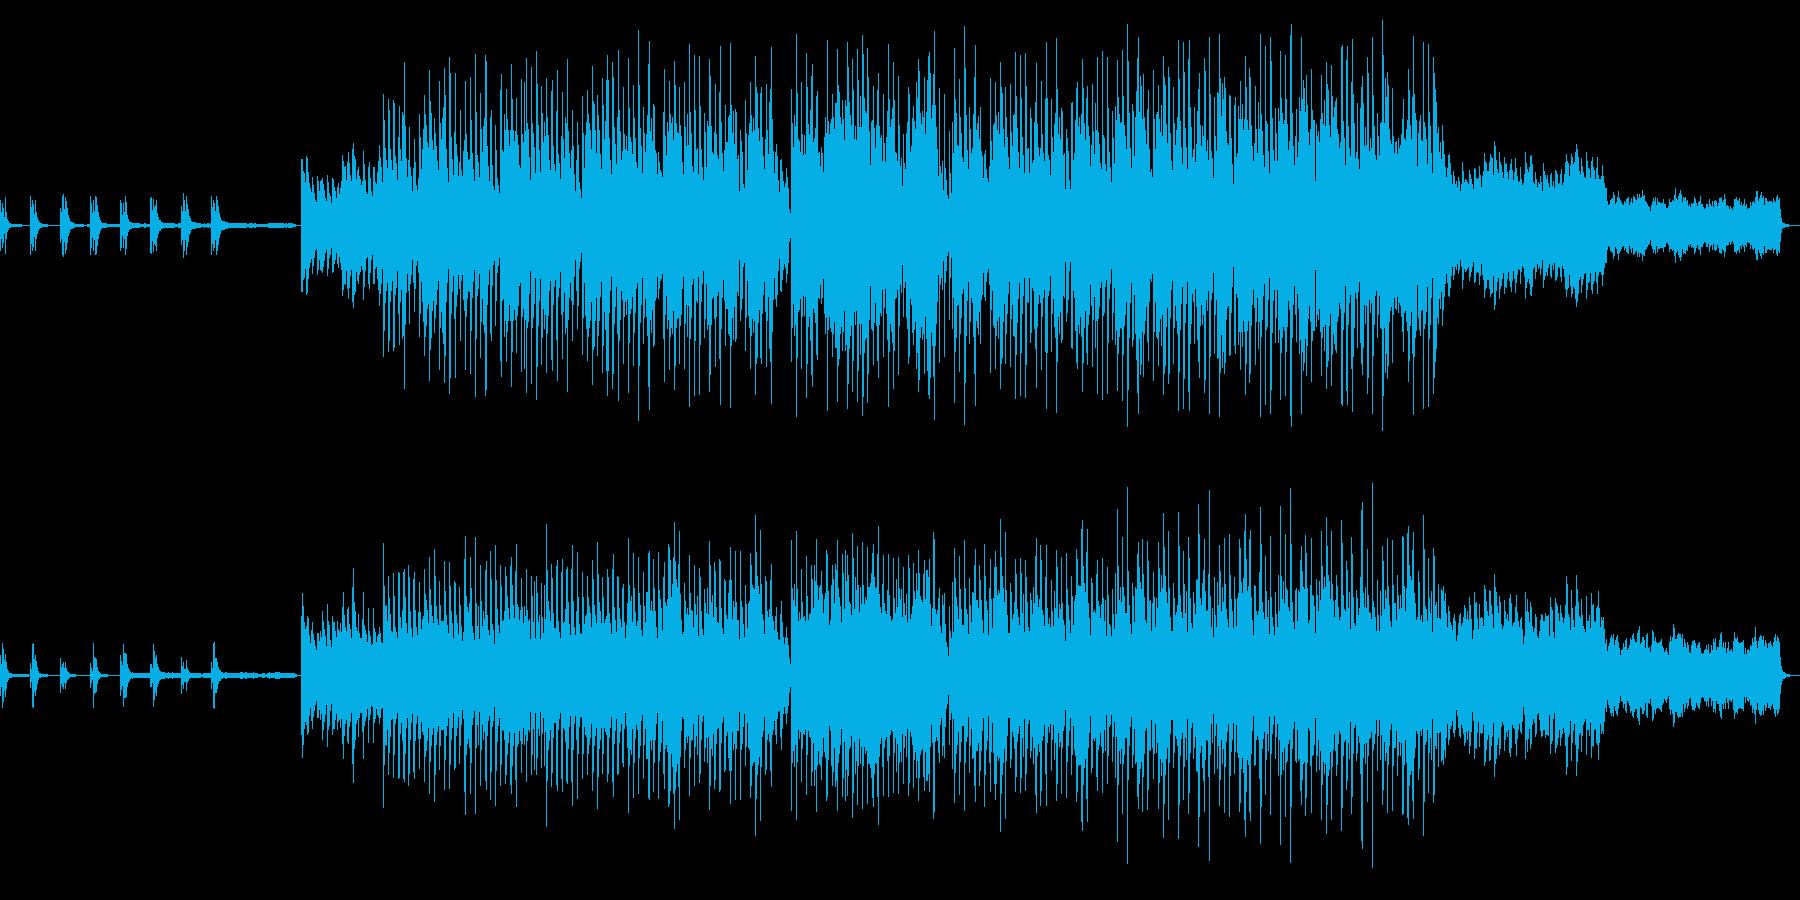 幻想的な世界観を表現したピアノ曲の再生済みの波形